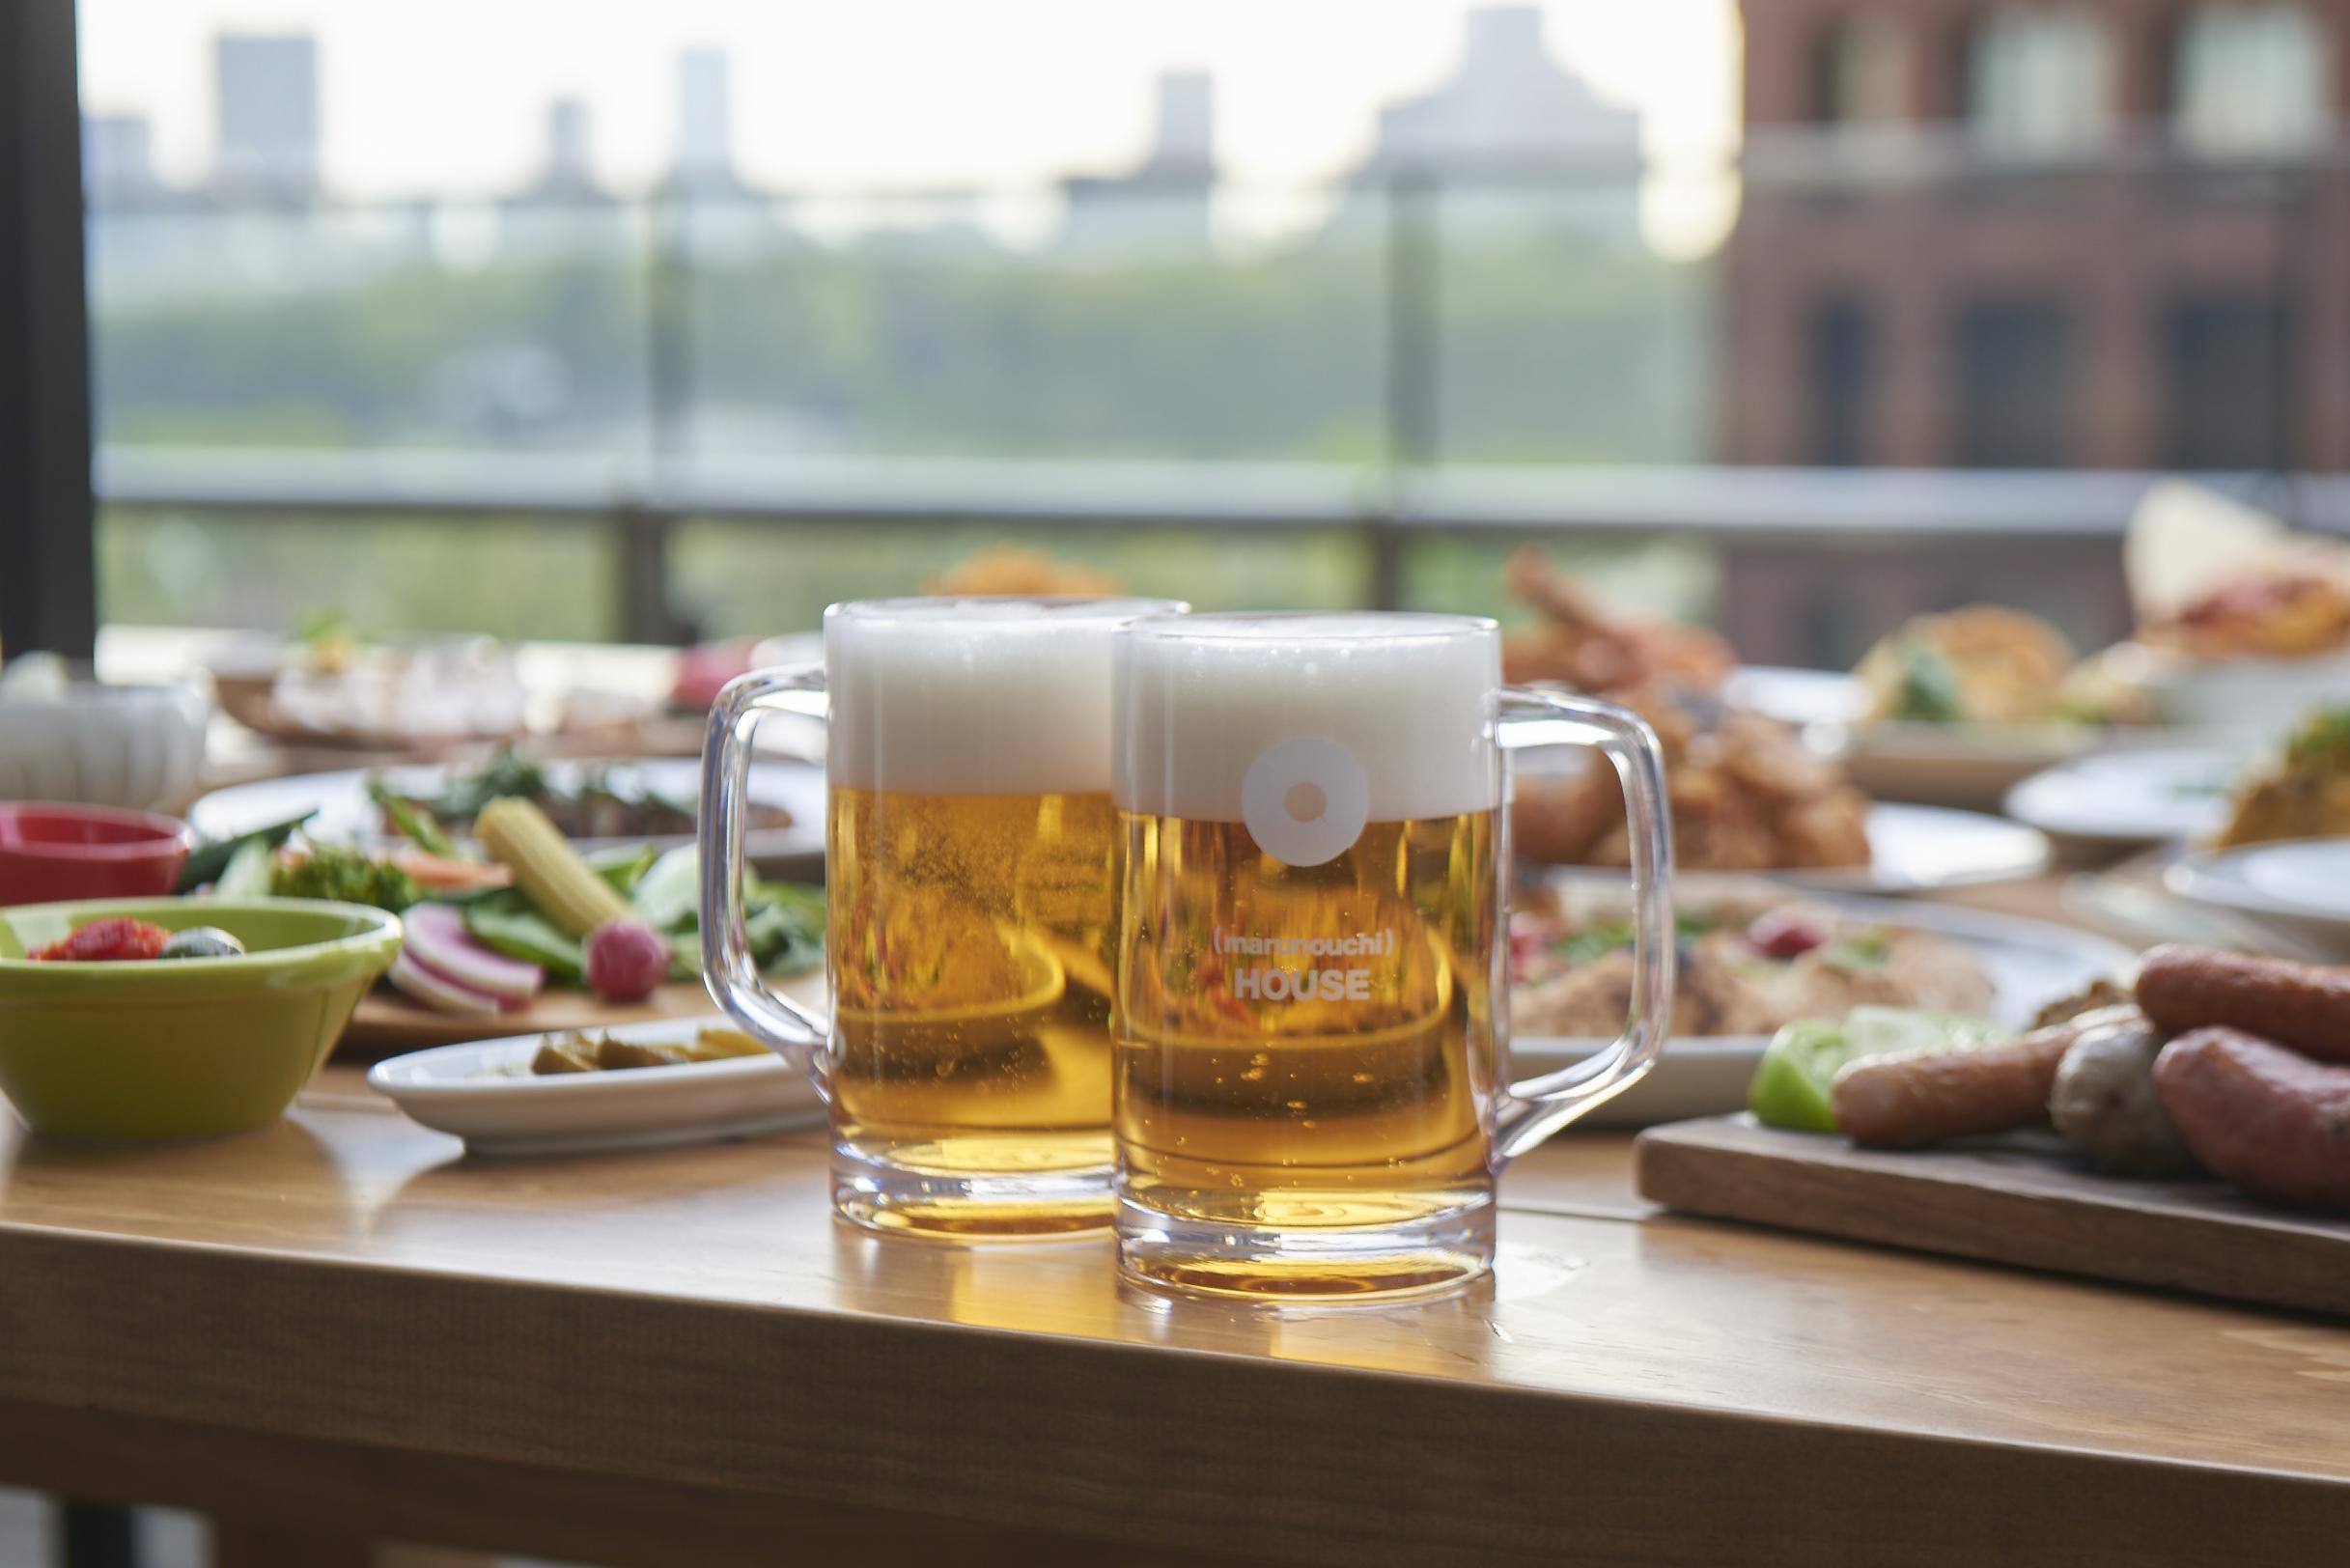 ― 丸の内ハウス10周年 ― リニューアルした開放的なテラスで、 東京駅丸の内駅舎を眺めながらビールを満喫! 「ビアテラス in 丸の内ハウス2017」